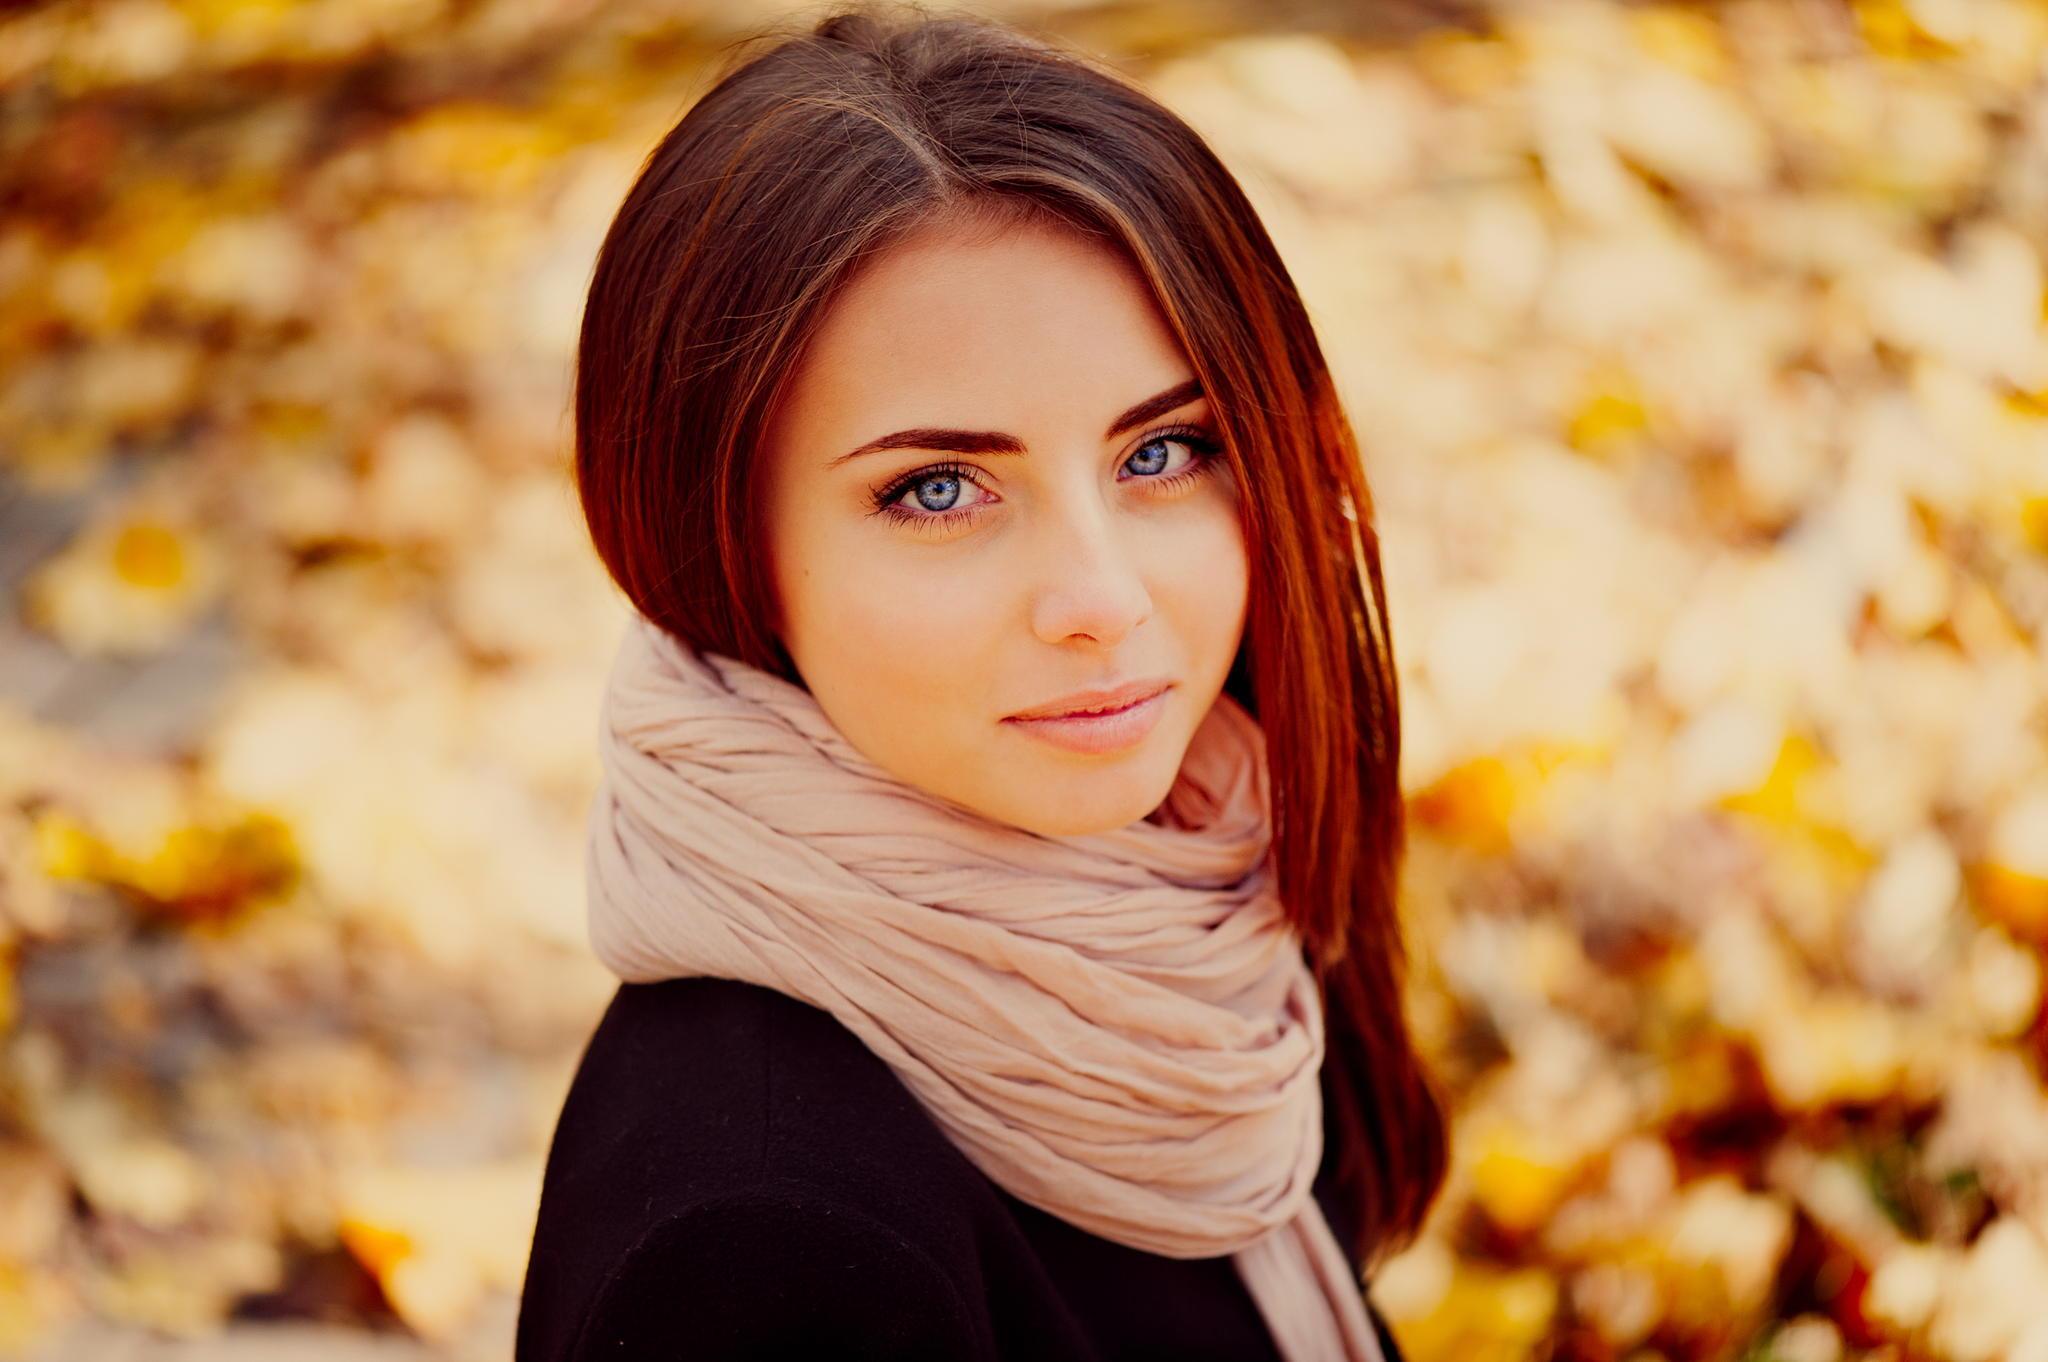 Картинки про девушек красивых